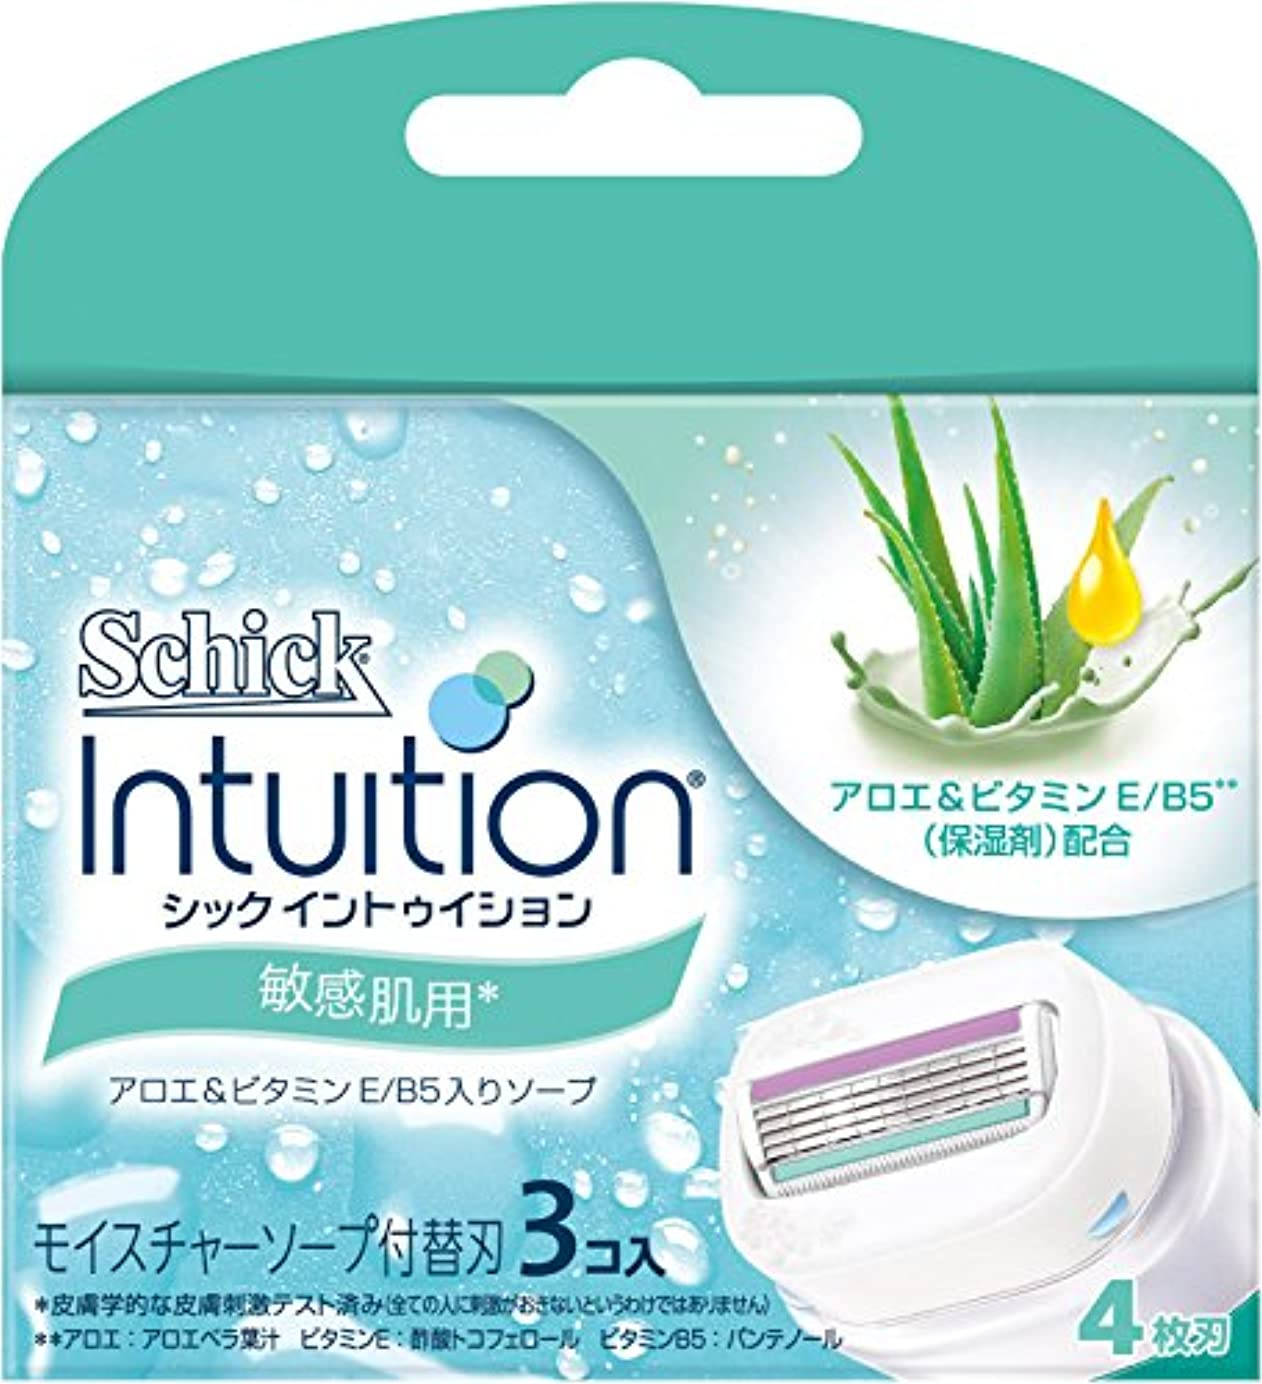 成功したトリムラショナルシック Schick イントゥイション 替刃 女性用 カミソリ 敏感肌用(3コ入)